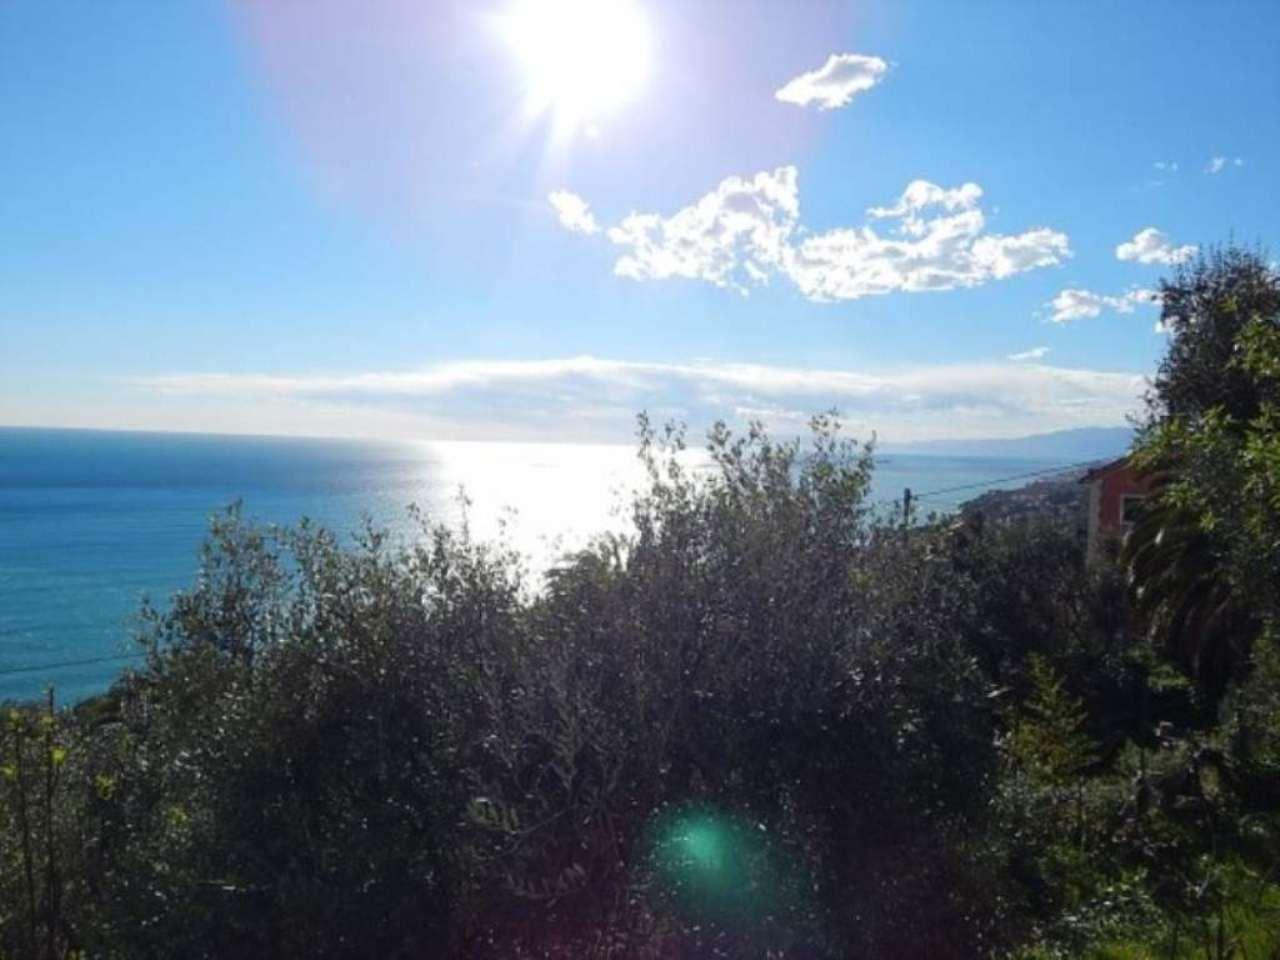 Soluzione Indipendente in vendita a Pieve Ligure, 5 locali, prezzo € 210.000 | Cambio Casa.it